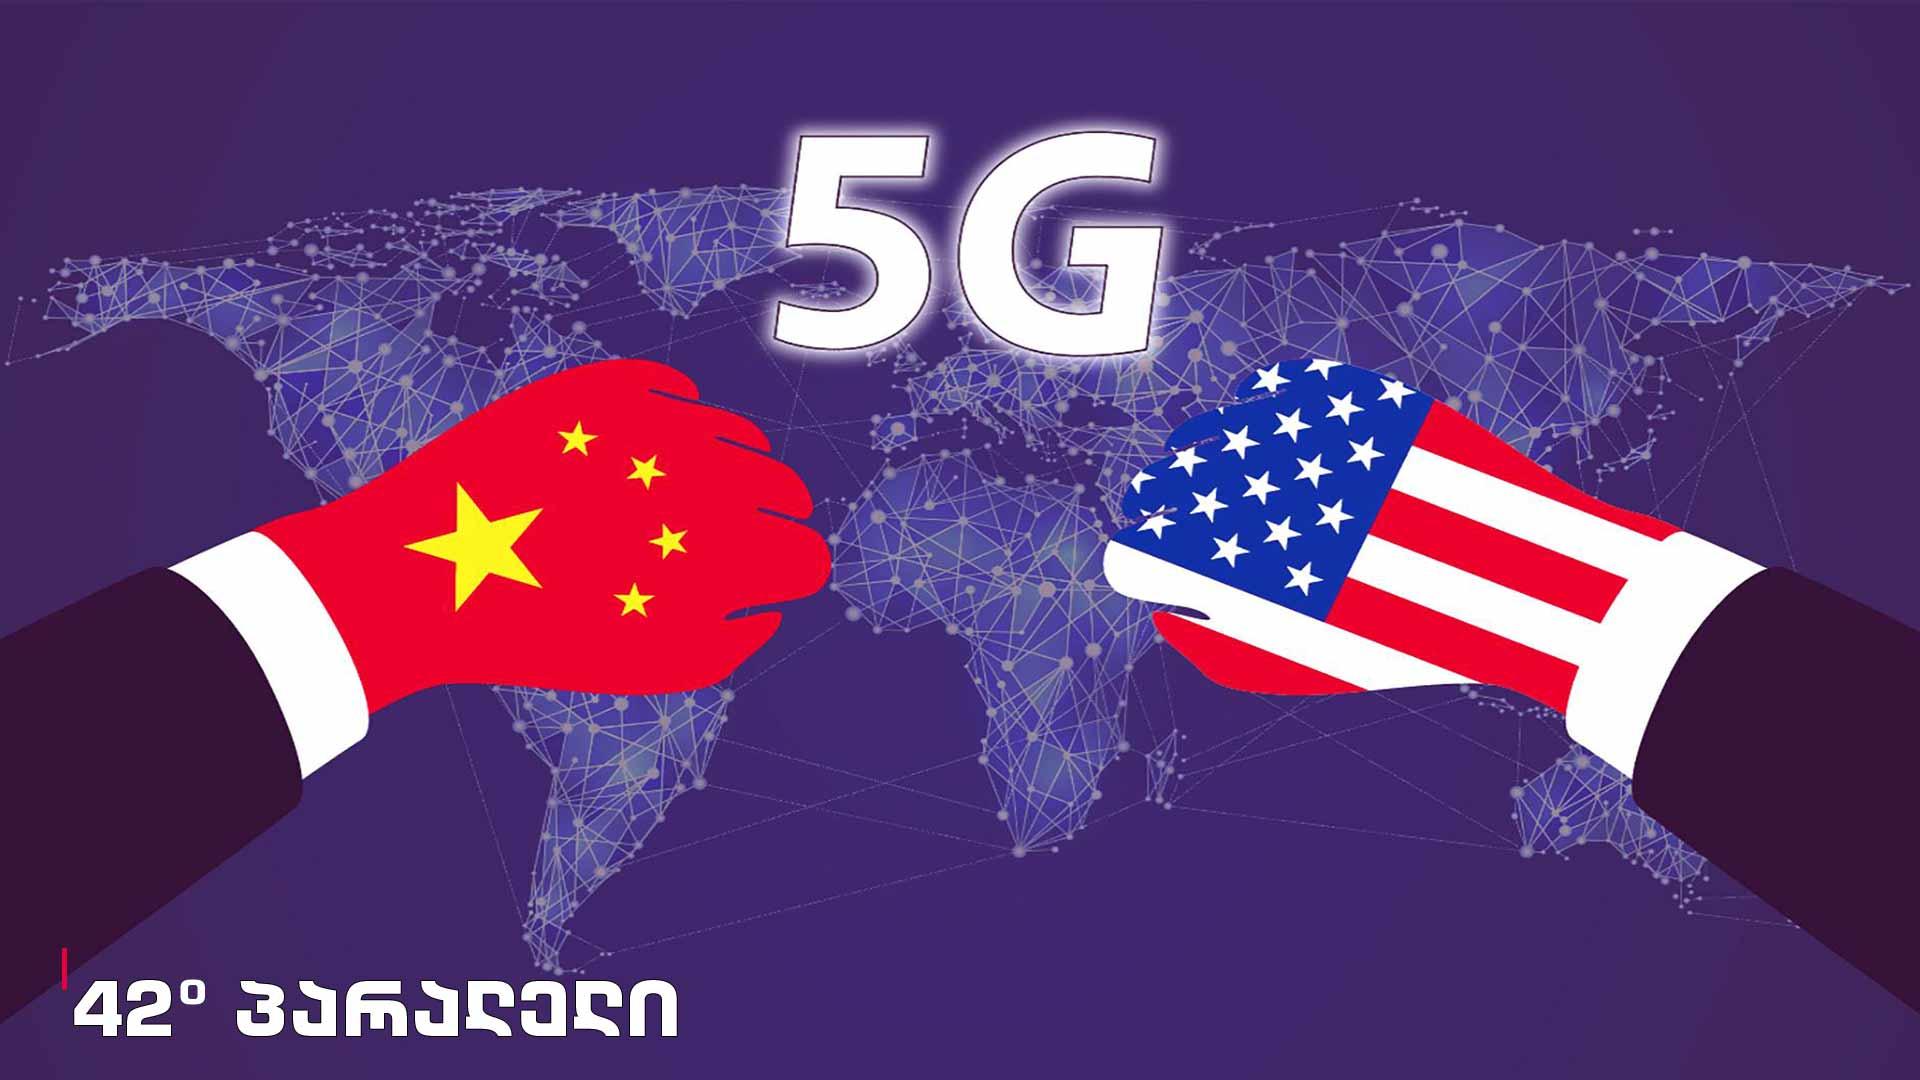 """42° პარალელი - 5G-ის ეპოქა: """"ჰუავეი"""" და ჩინეთის ტექნოლოგიური პოლიტიკა"""